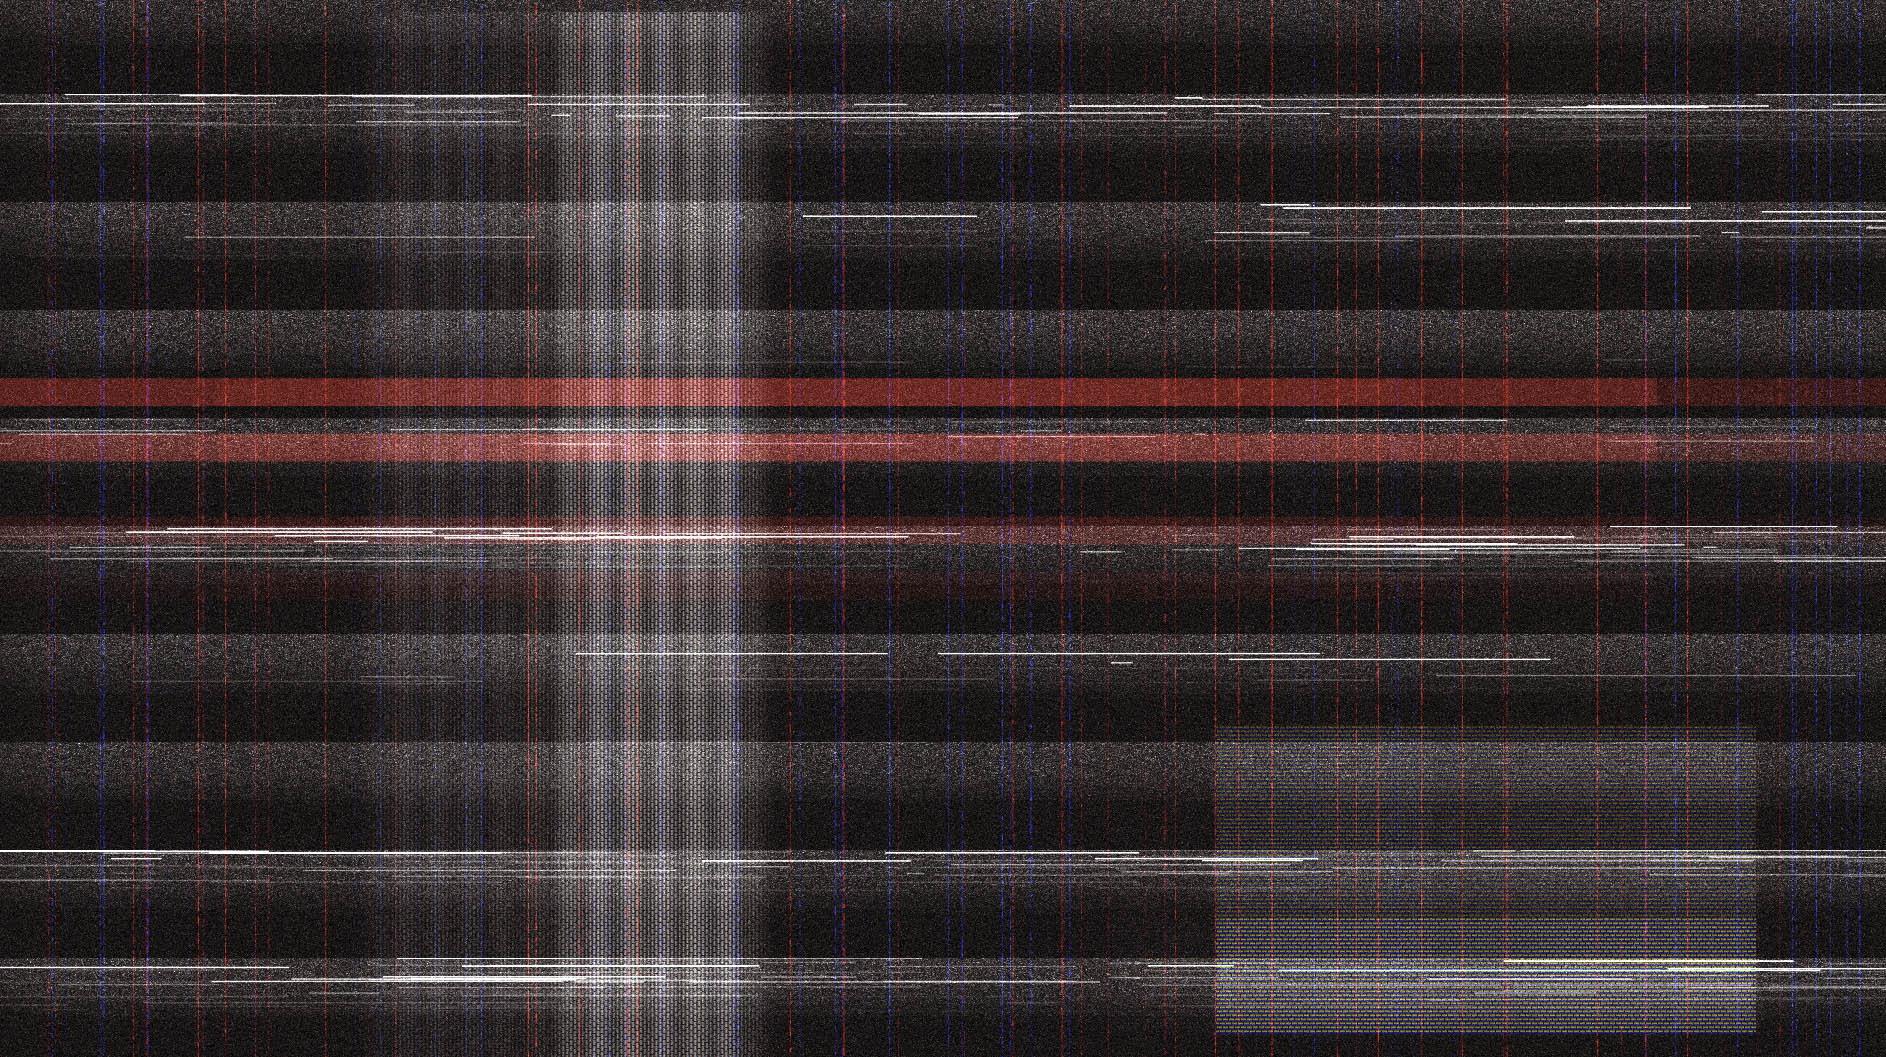 信号干扰屏幕花屏视频前景叠加效果